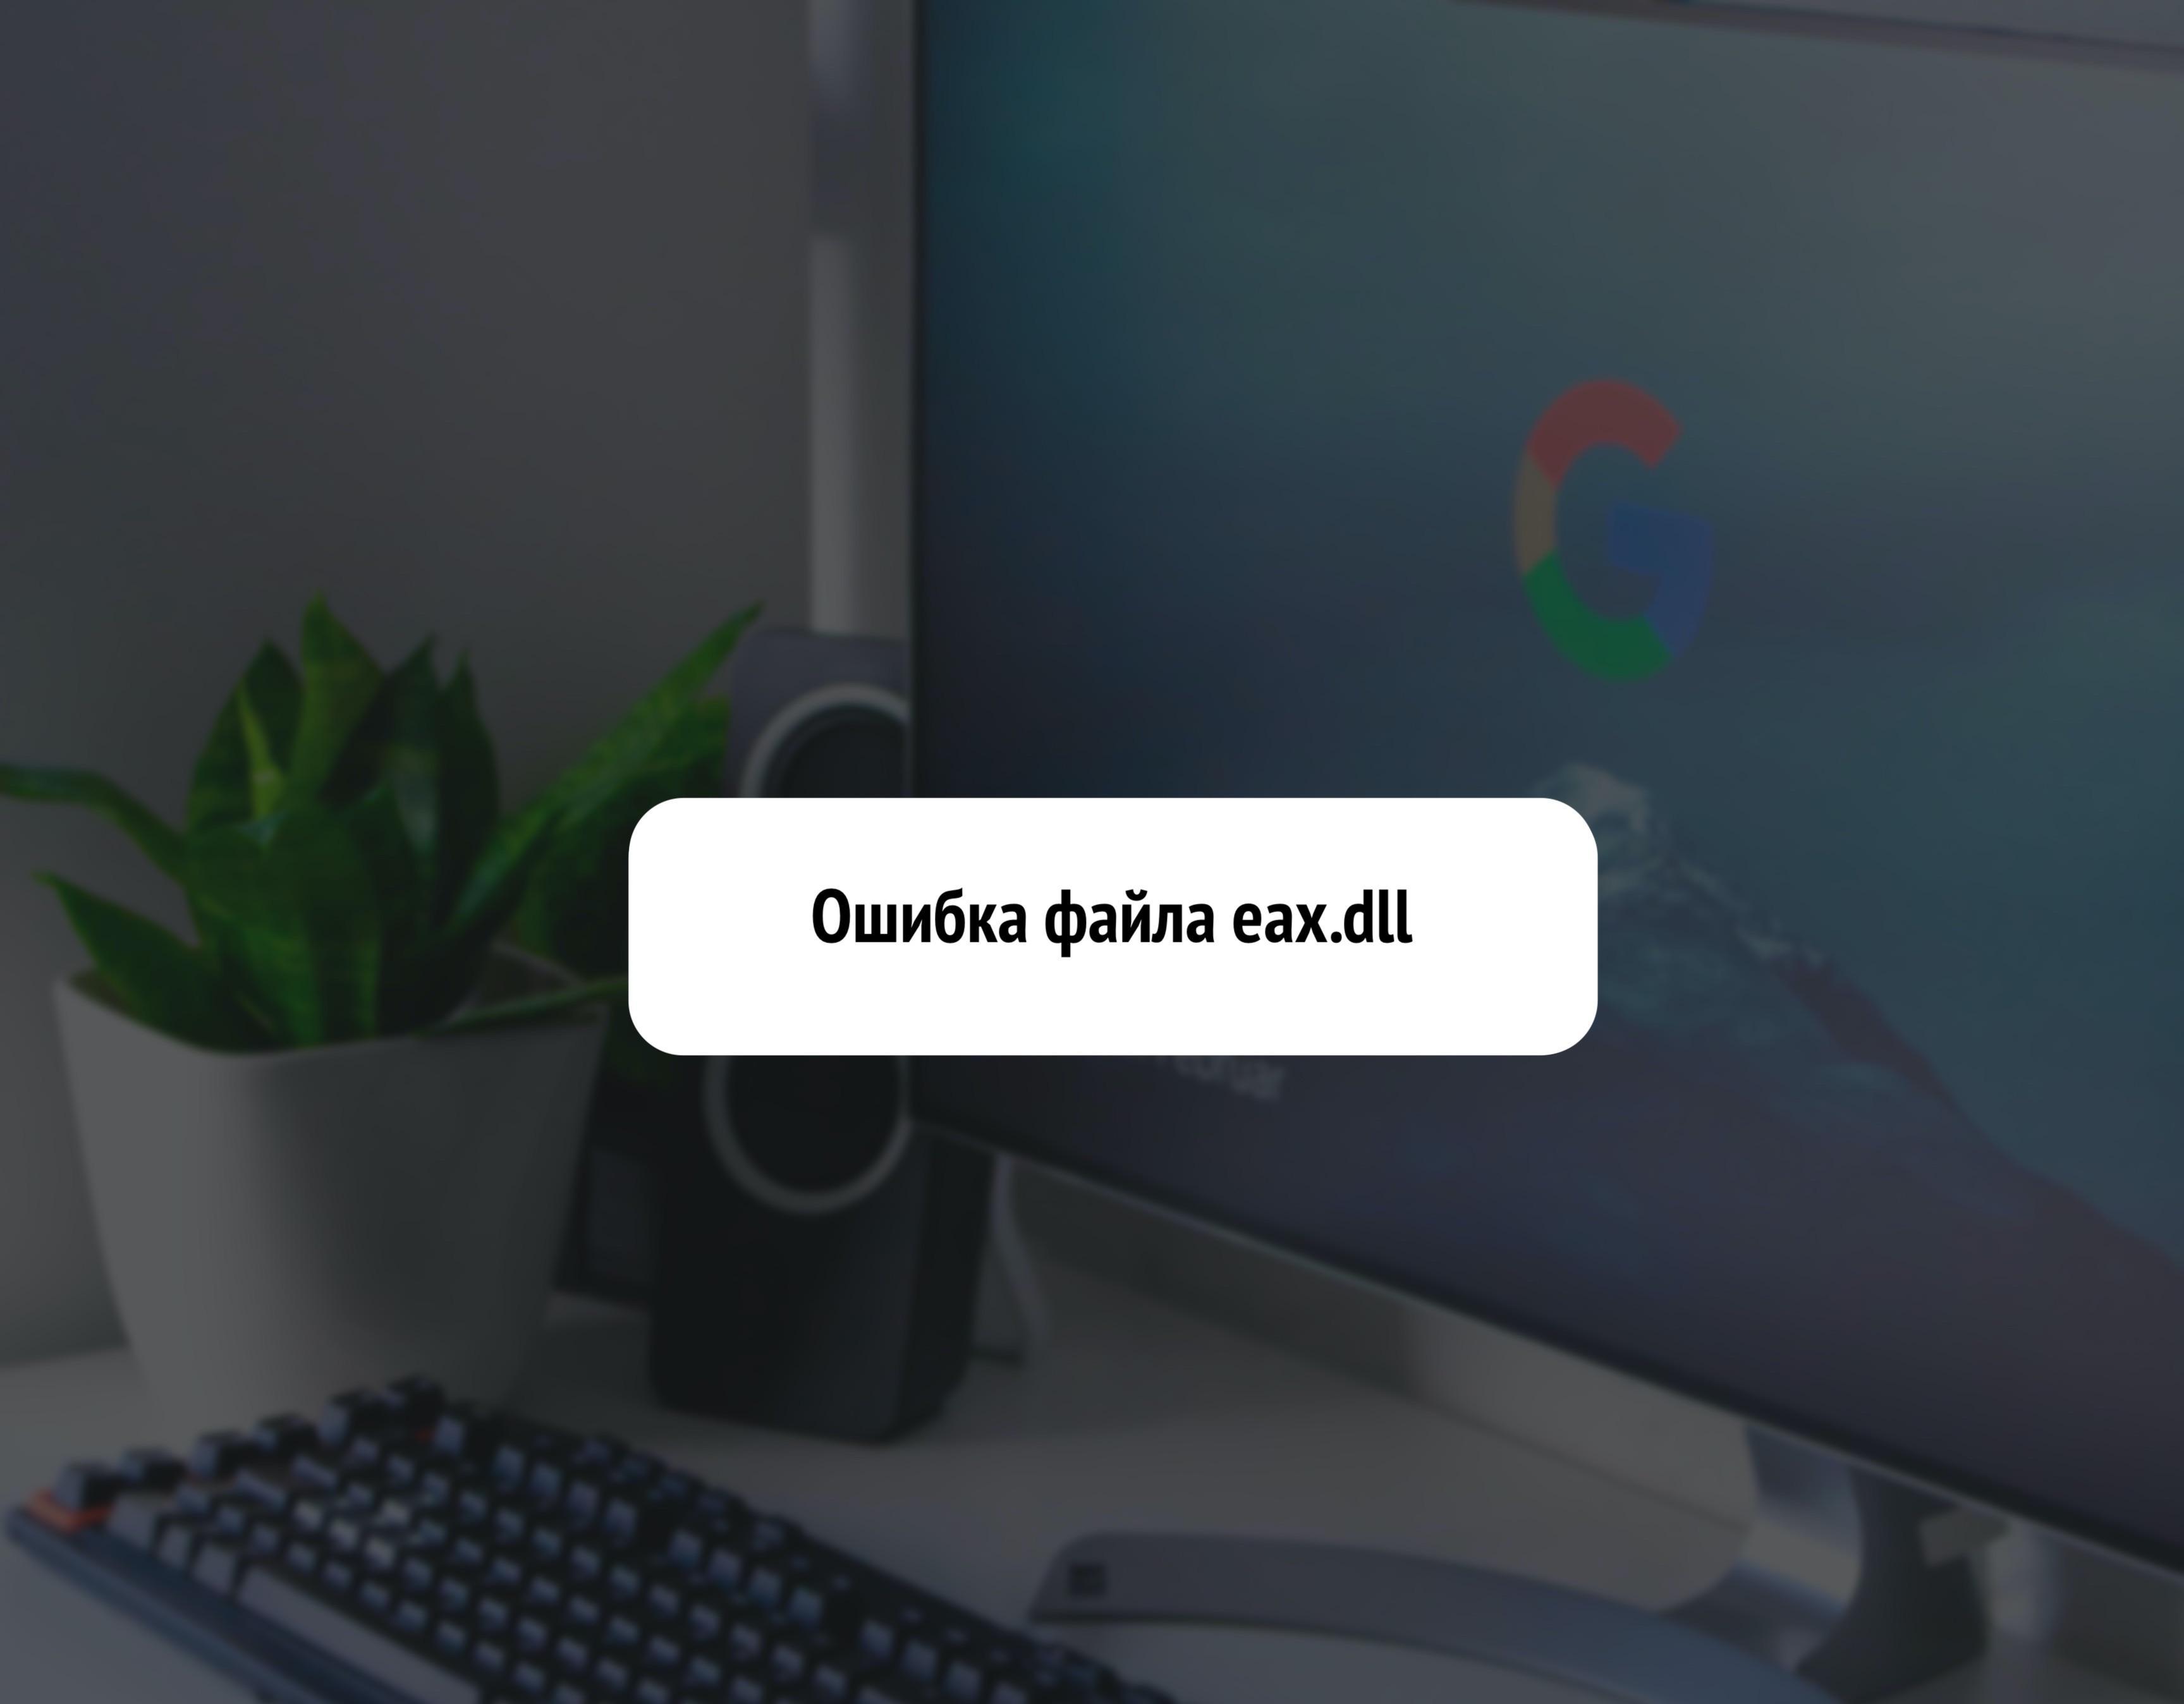 eax.dll: что за ошибка и как исправить